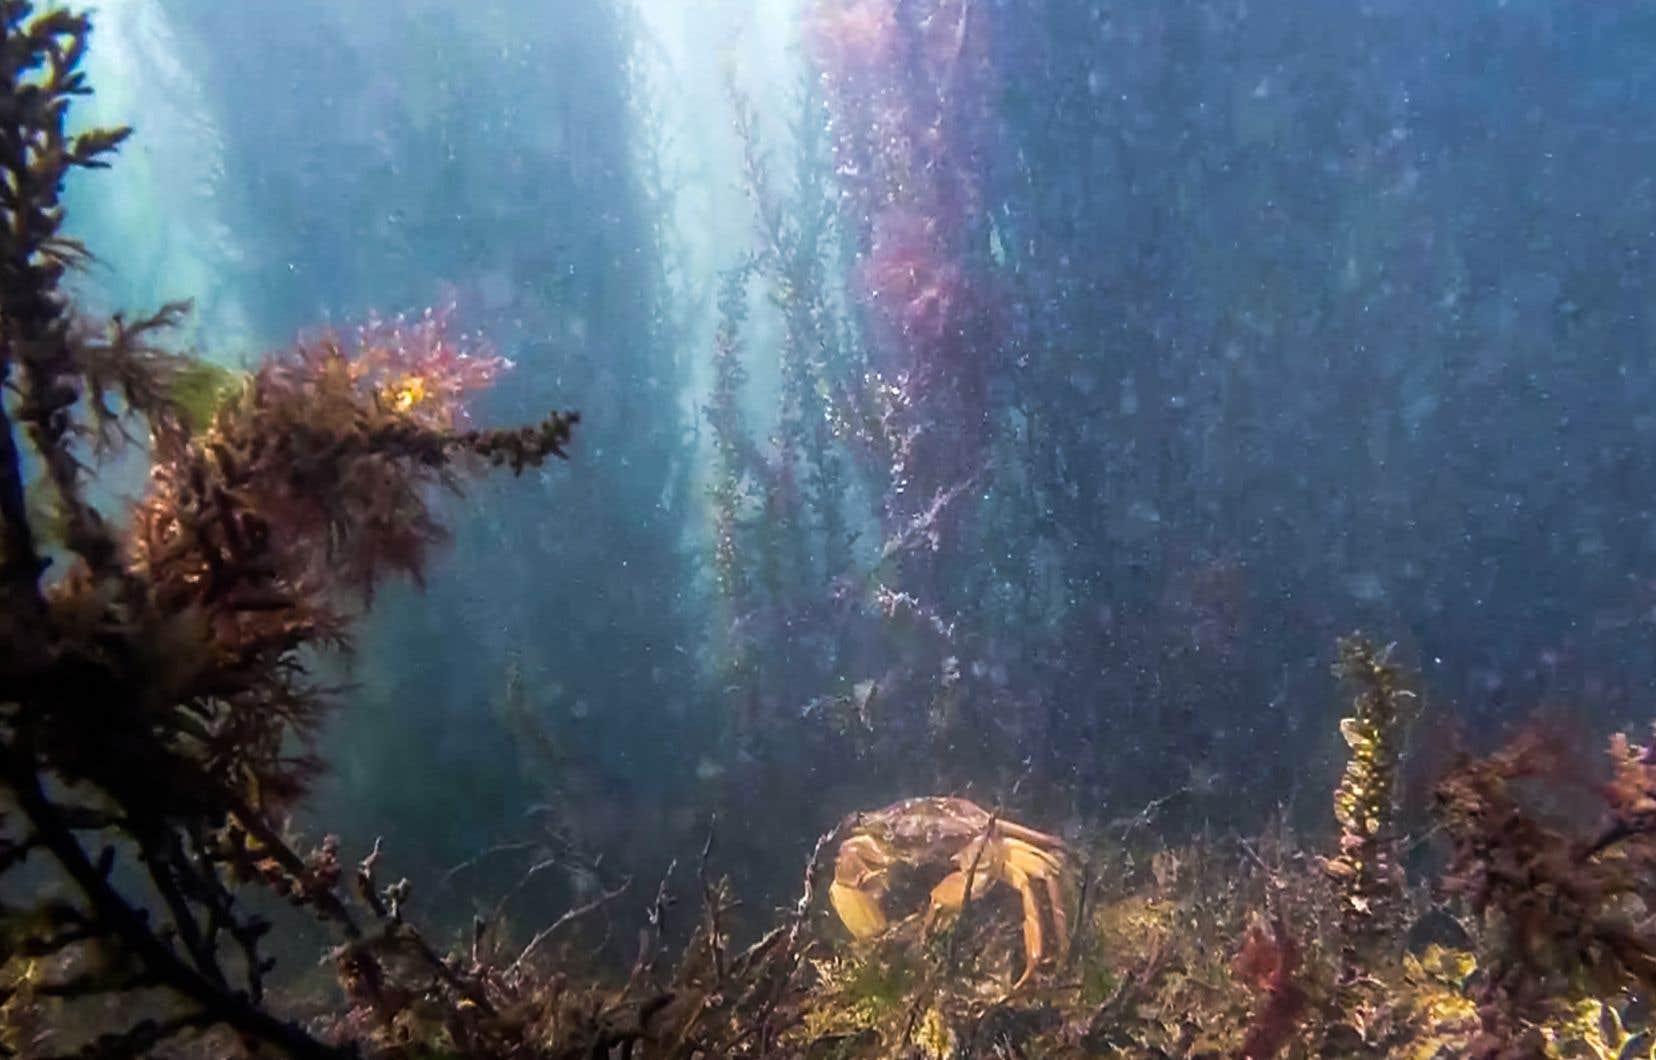 Le zoologiste Andrea Mangoni a pu observer la flore et la faune sous-marines de Venise, dont ce crabe.